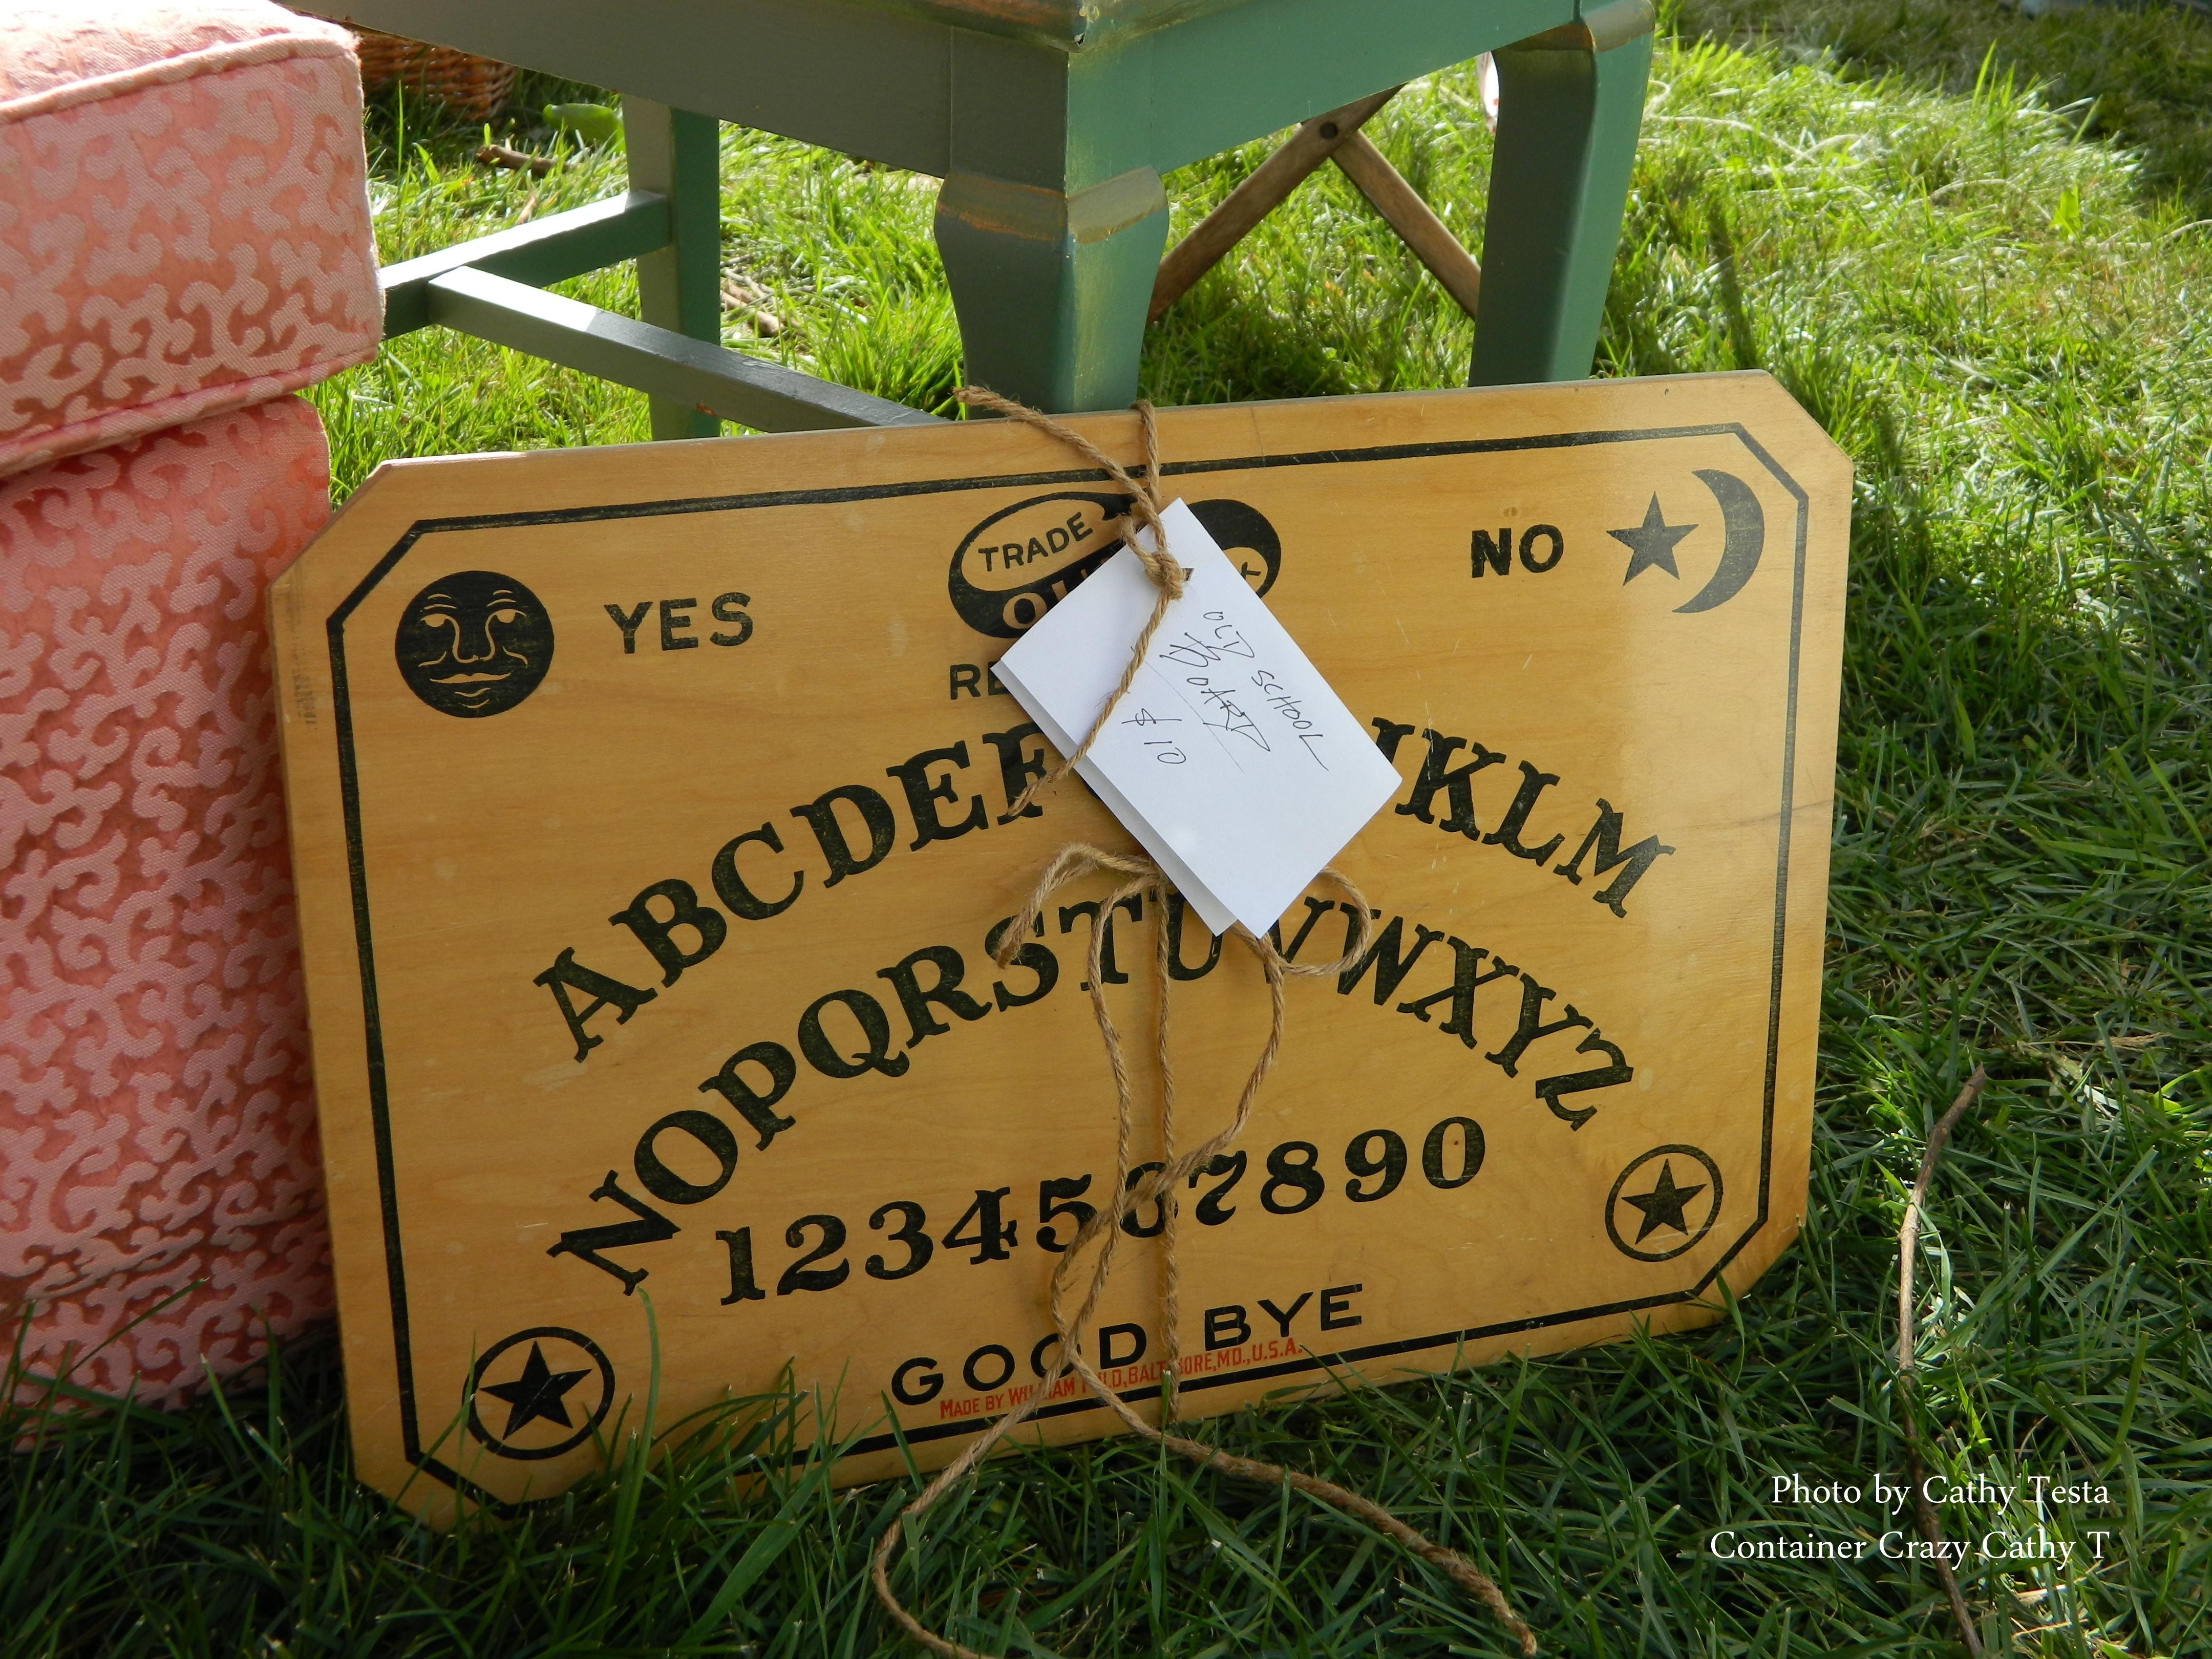 Scoring Garden Art at Antique Shows & Vintage Bazaars   Container ...